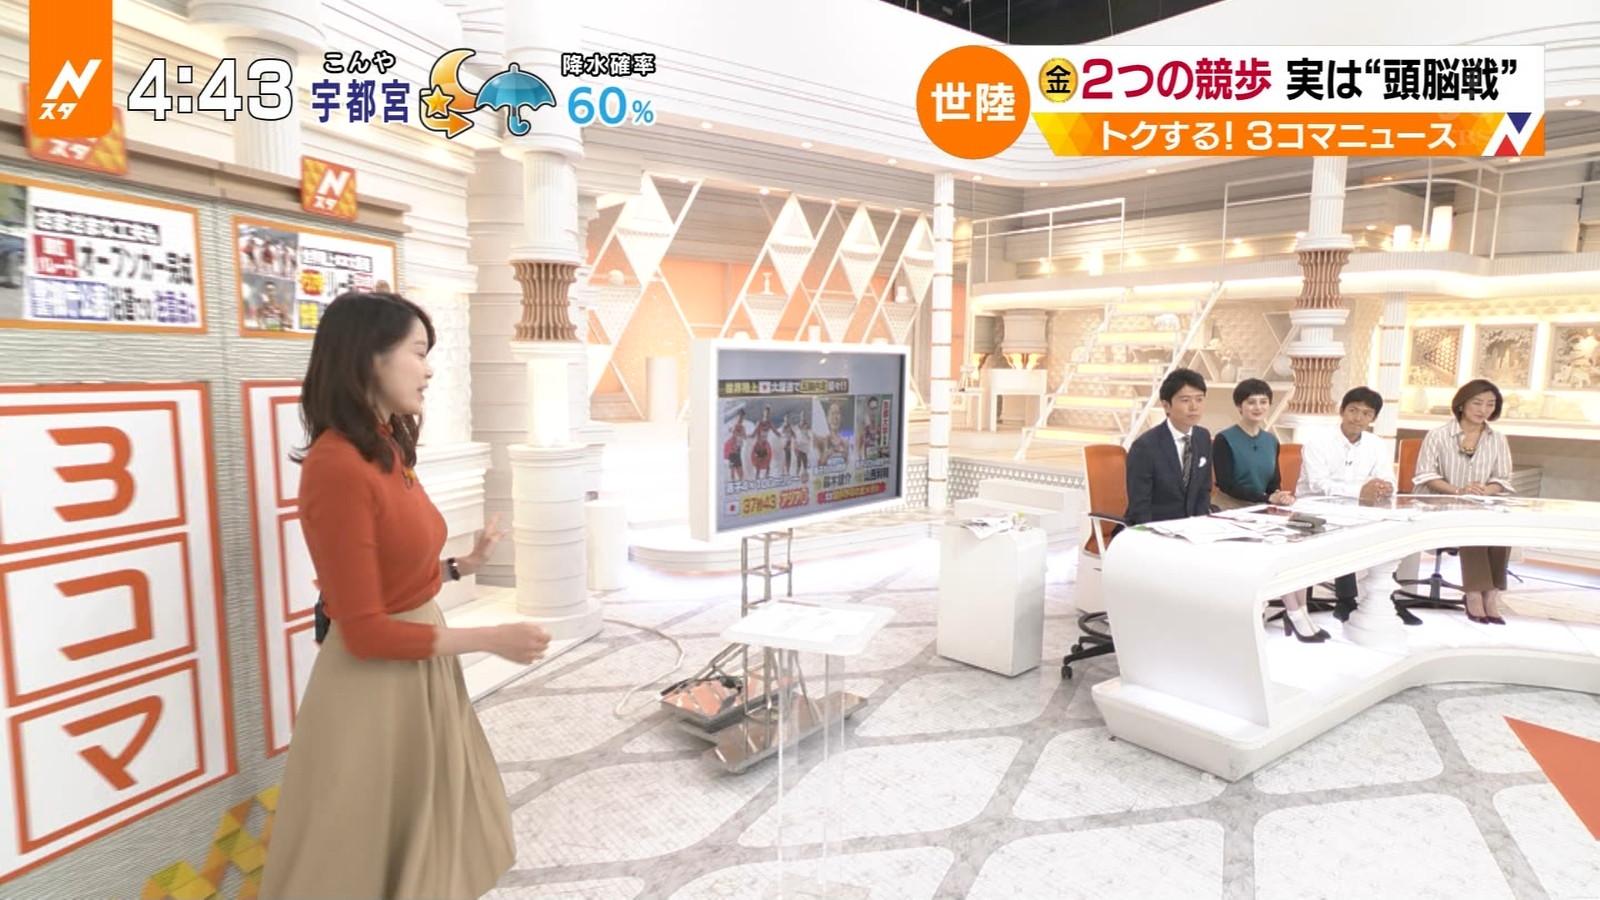 2019年10月7日の「Nスタ」に出演した良原安美さんのテレビキャプチャー画像-011